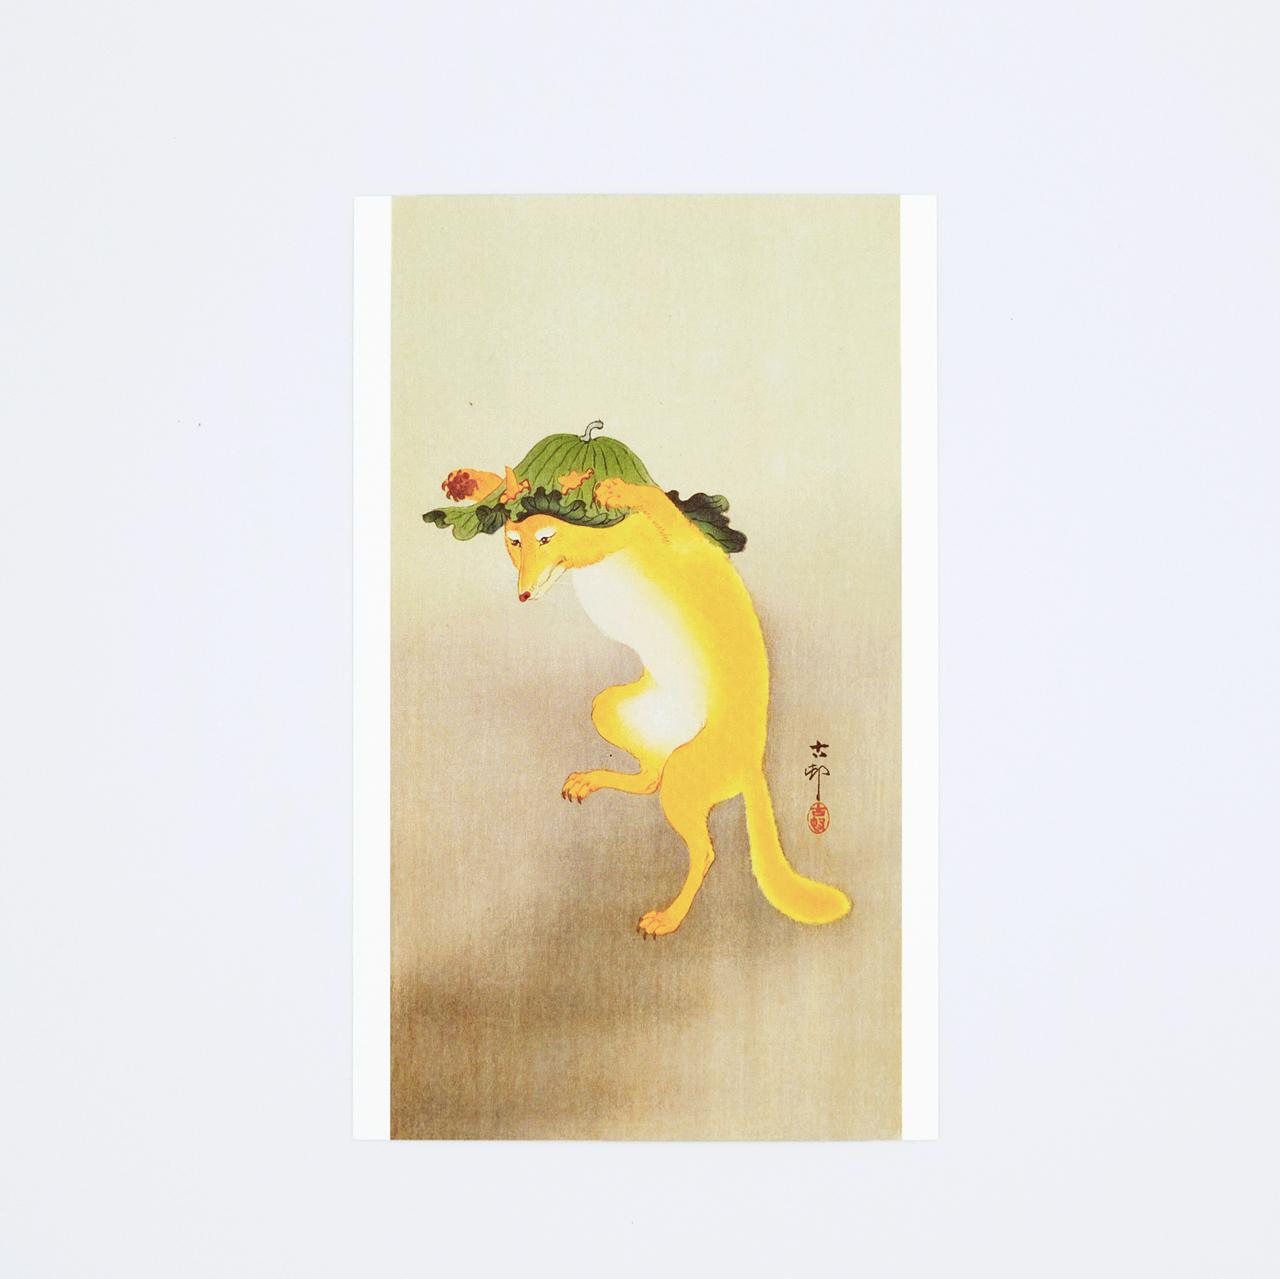 小原古邨ポストカード 踊る狐